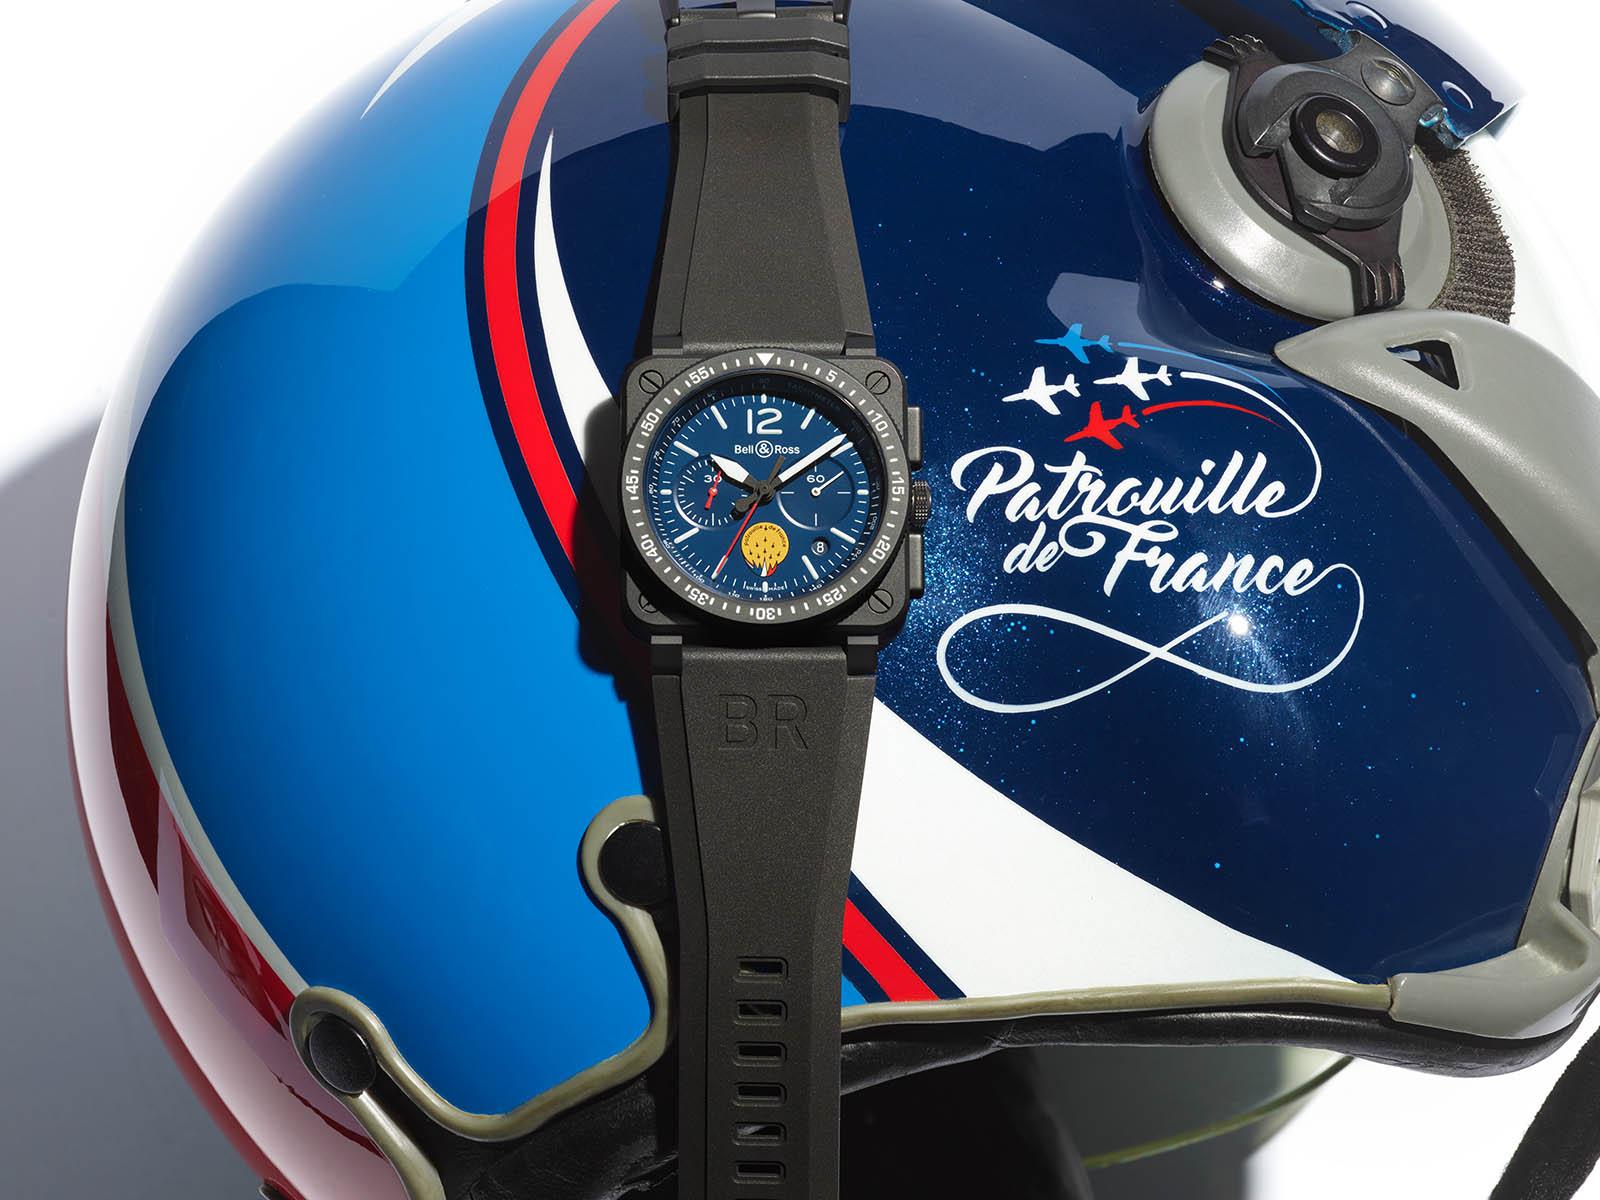 br0394-paf1-ce-srb-bell-ross-br-03-94-patrouille-de-france-4.jpg